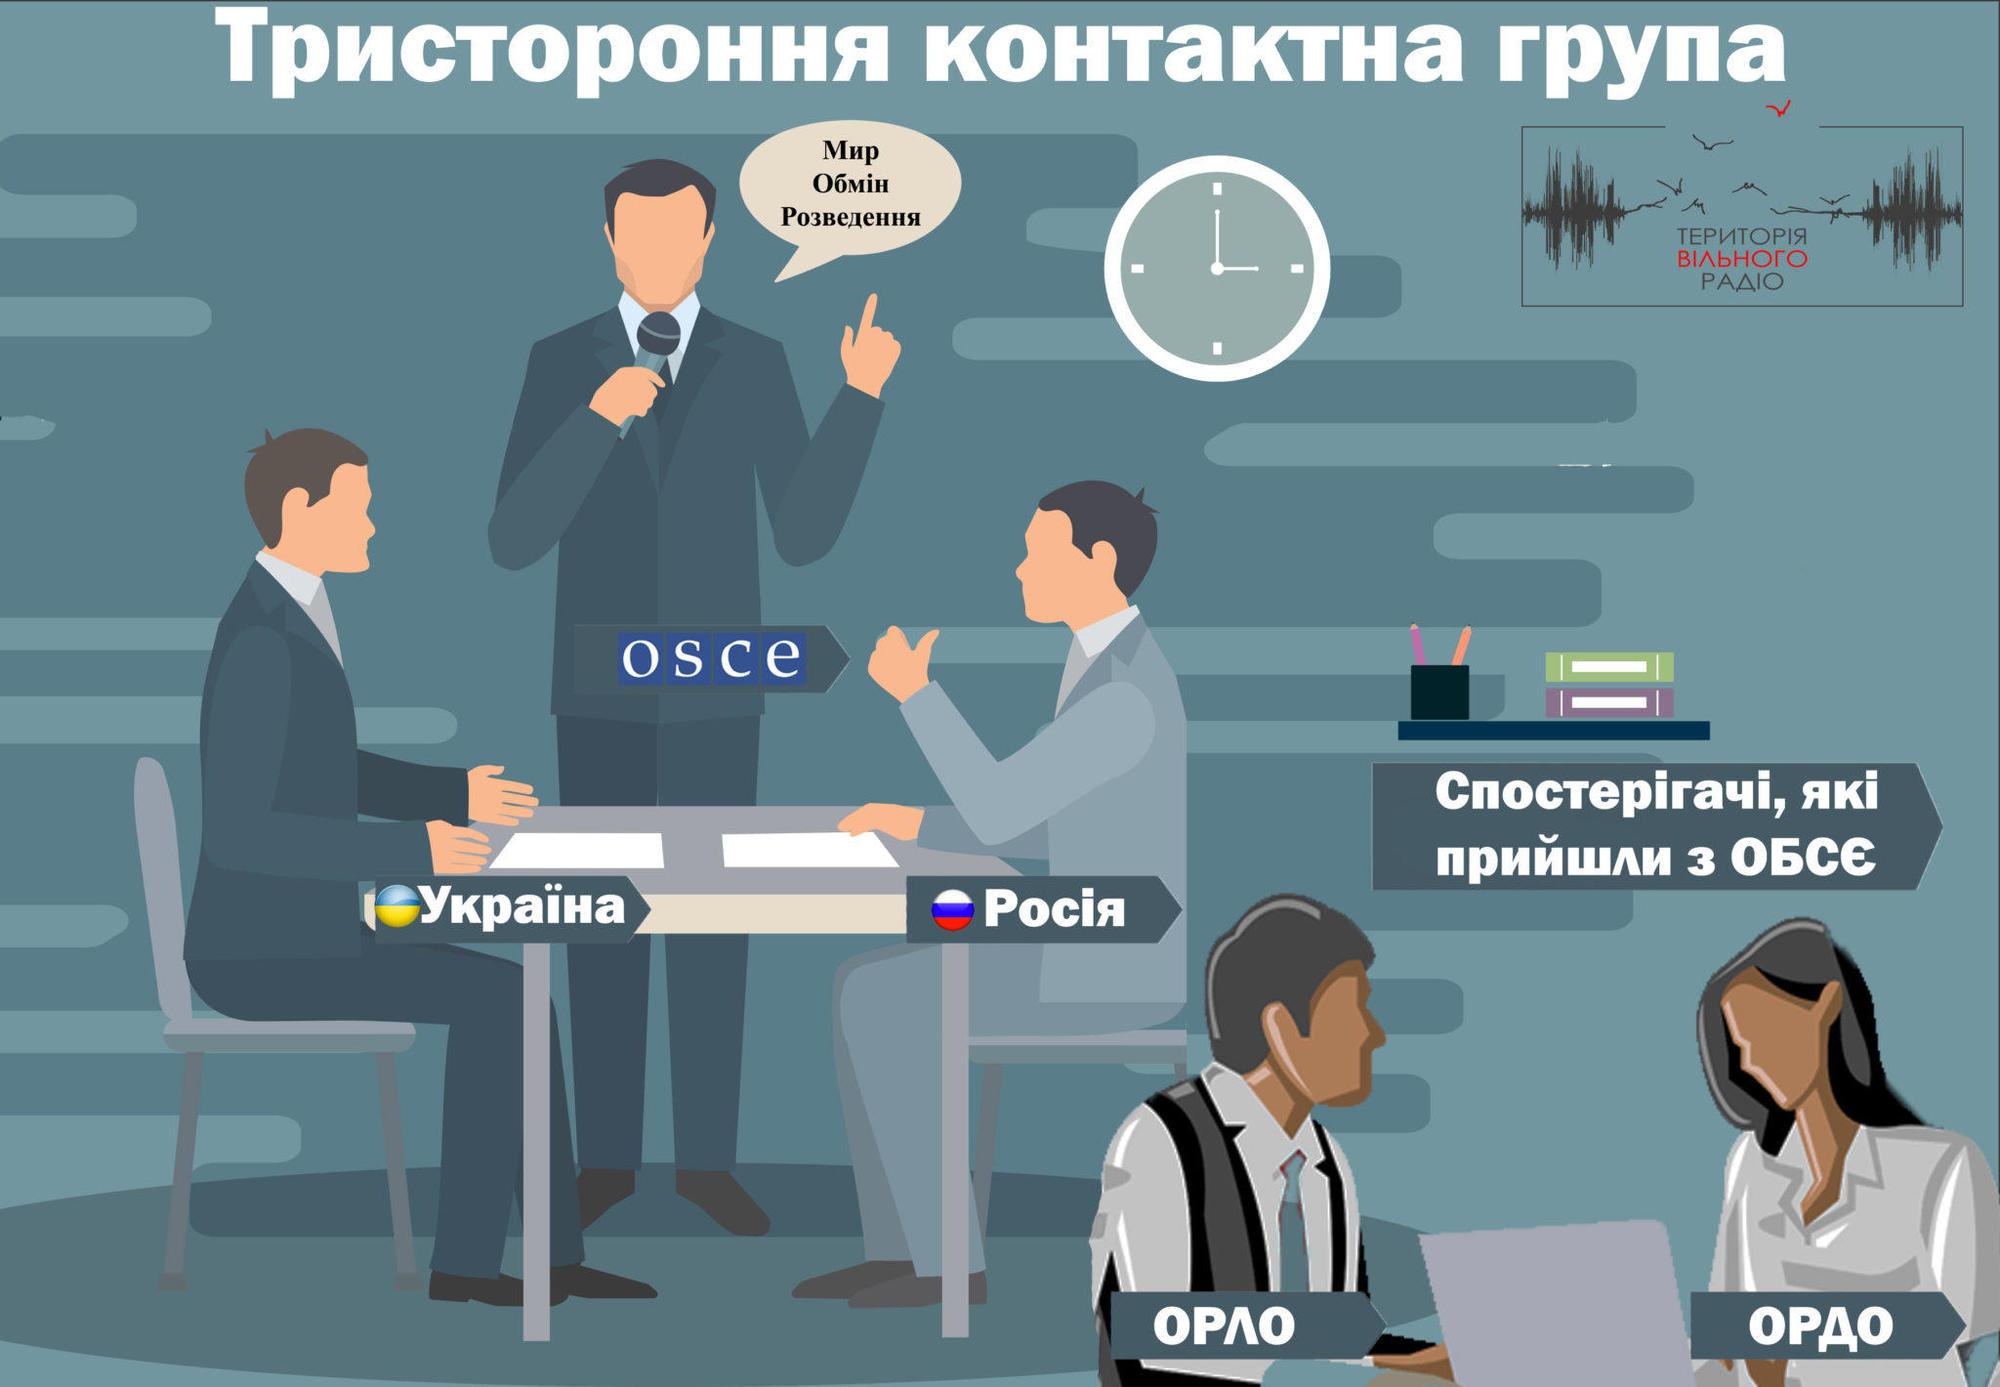 Сьогодні позиції ЗСУ під Горлівкою інспектуватимуть бойовики разом з ОБСЄ